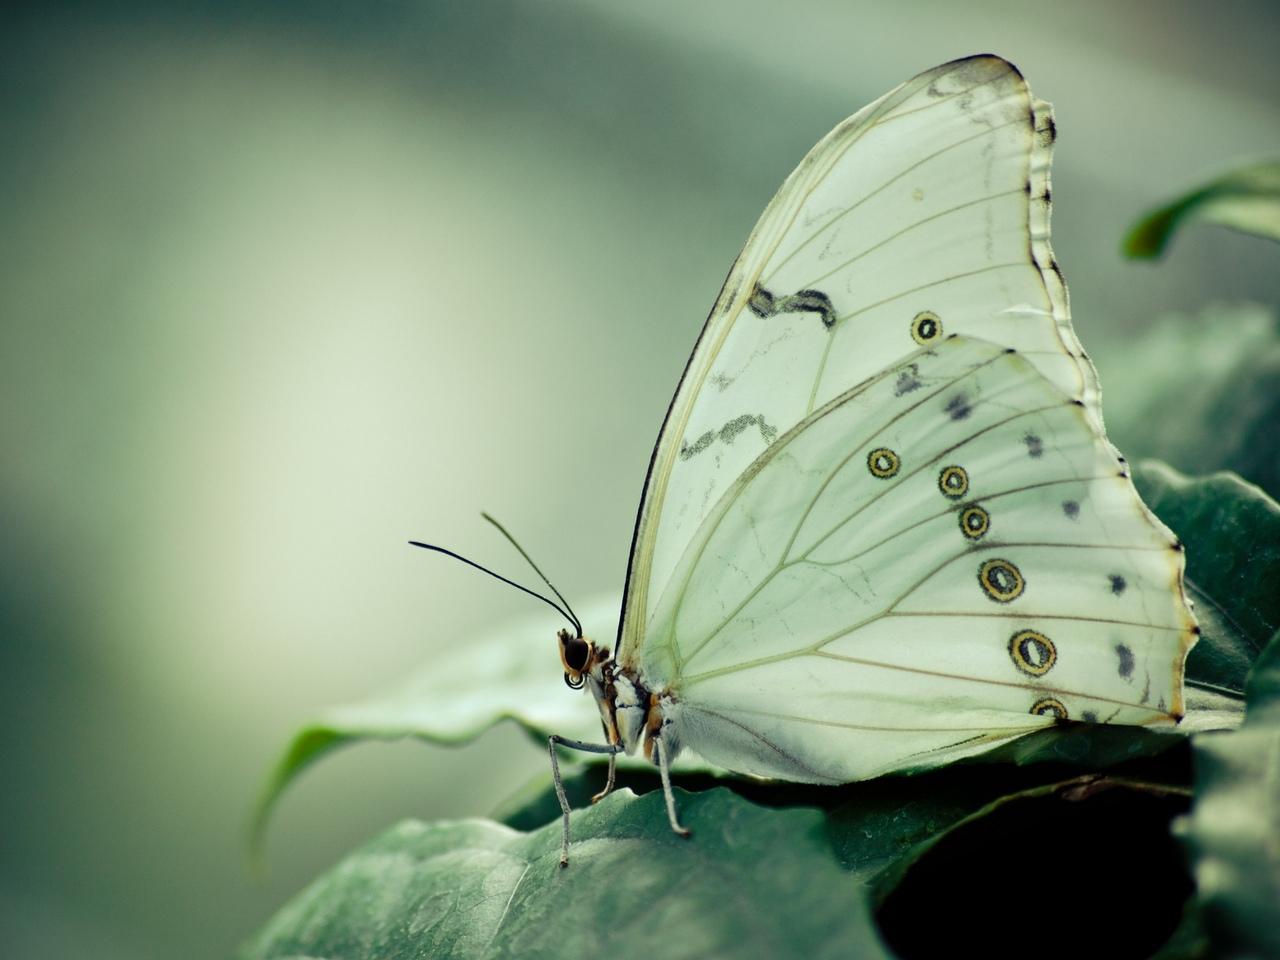 38919 Salvapantallas y fondos de pantalla Insectos en tu teléfono. Descarga imágenes de Mariposas, Insectos gratis